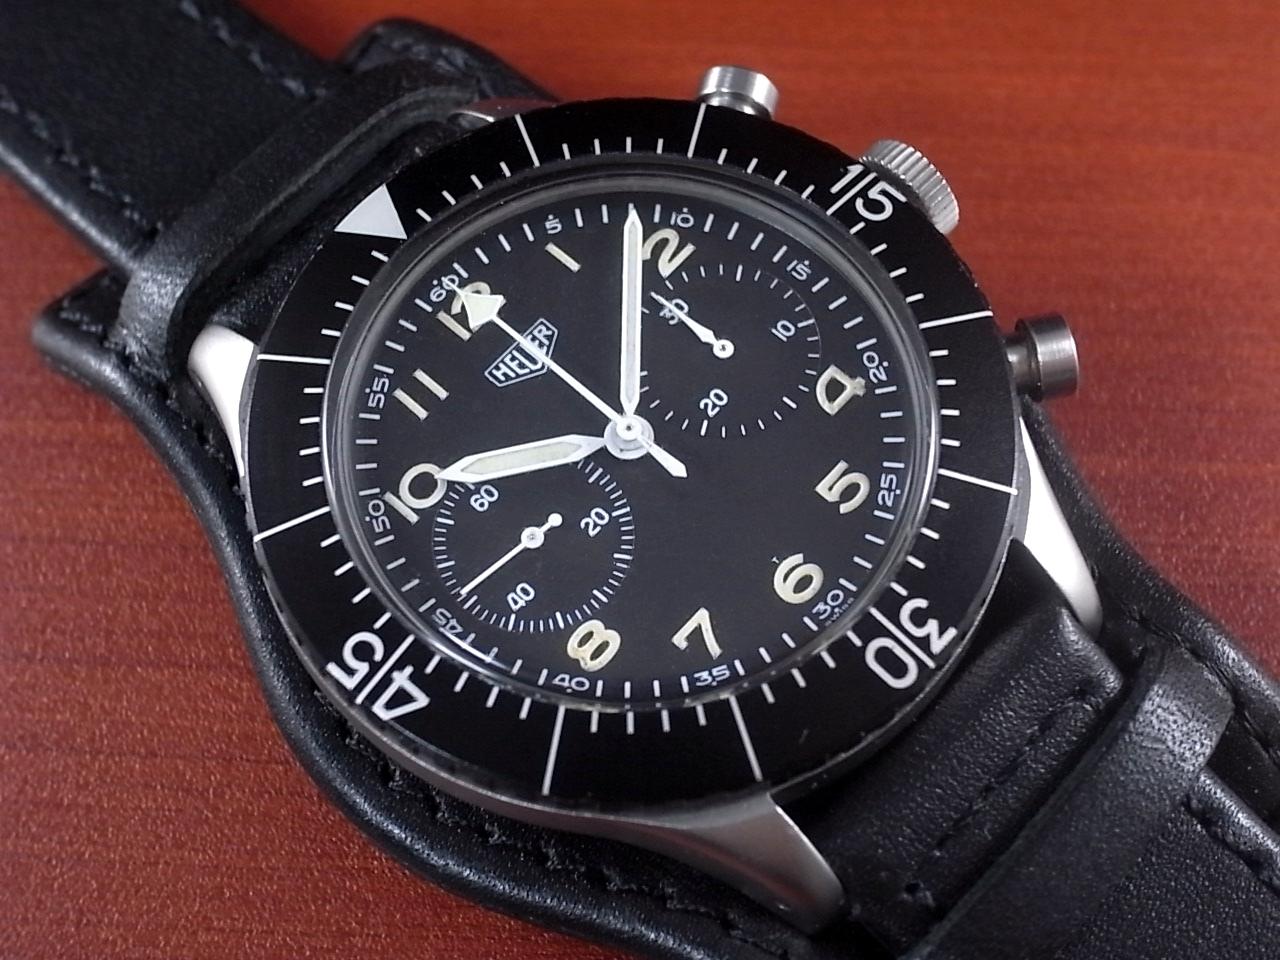 ホイヤー 軍用時計 西ドイツ空軍 Type.1550 SG フライバッククロノグラフ 1960年代のメイン写真